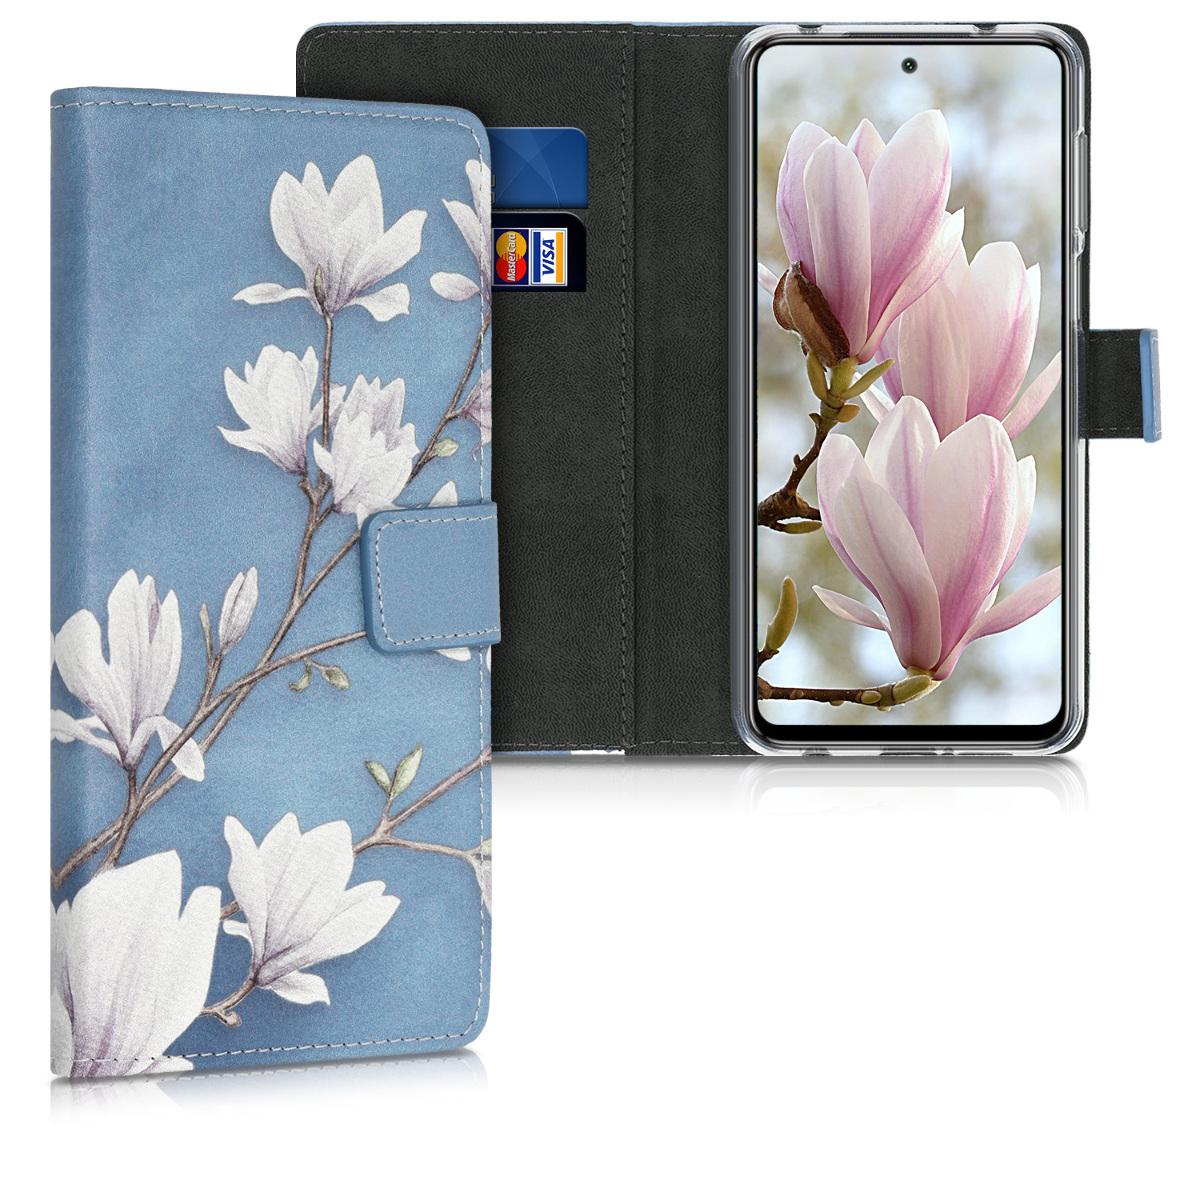 KW Θήκη Πορτοφόλι Xiaomi Redmi Note 9S / 9 Pro / 9 Pro Max - Magnolias Taupe / White / Blue Grey (52151.01)